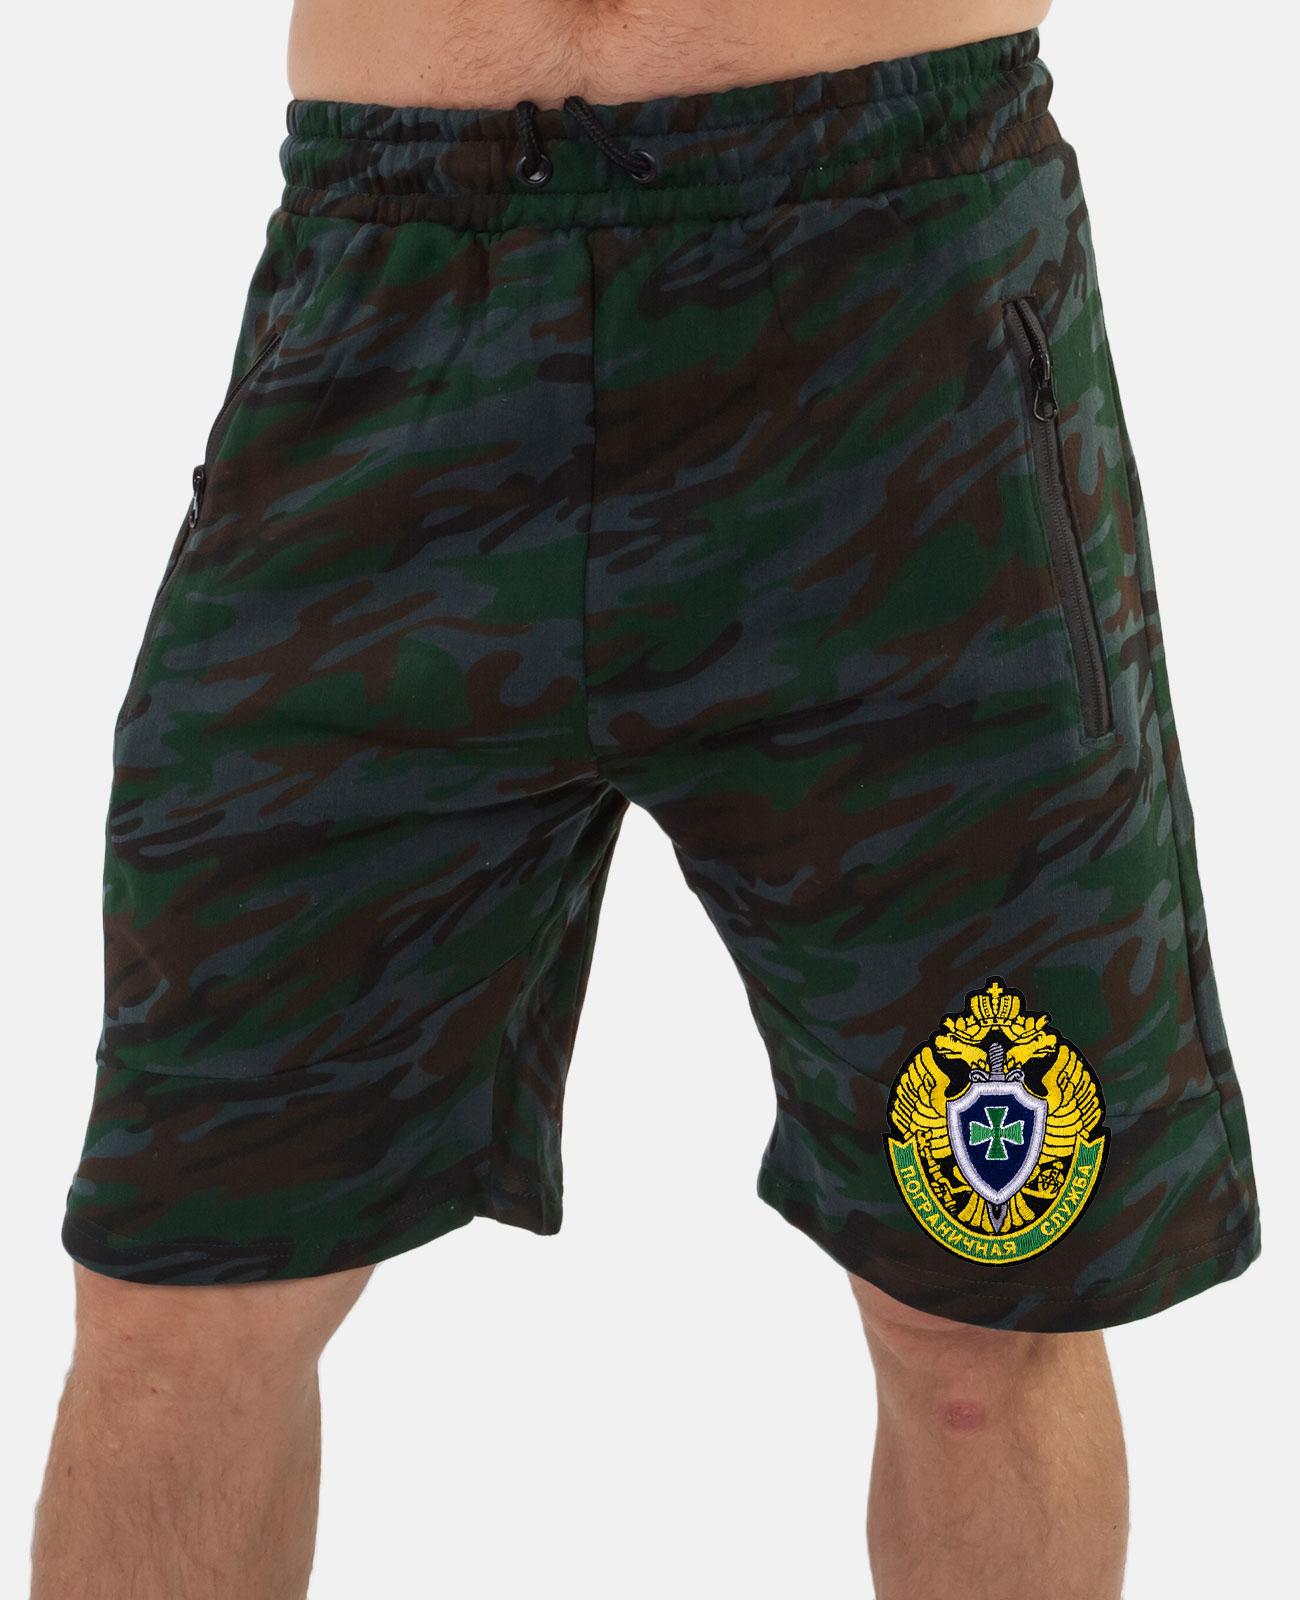 Стильные мужские шорты с эмблемой Погранслужбы заказать по сбалансированной цене